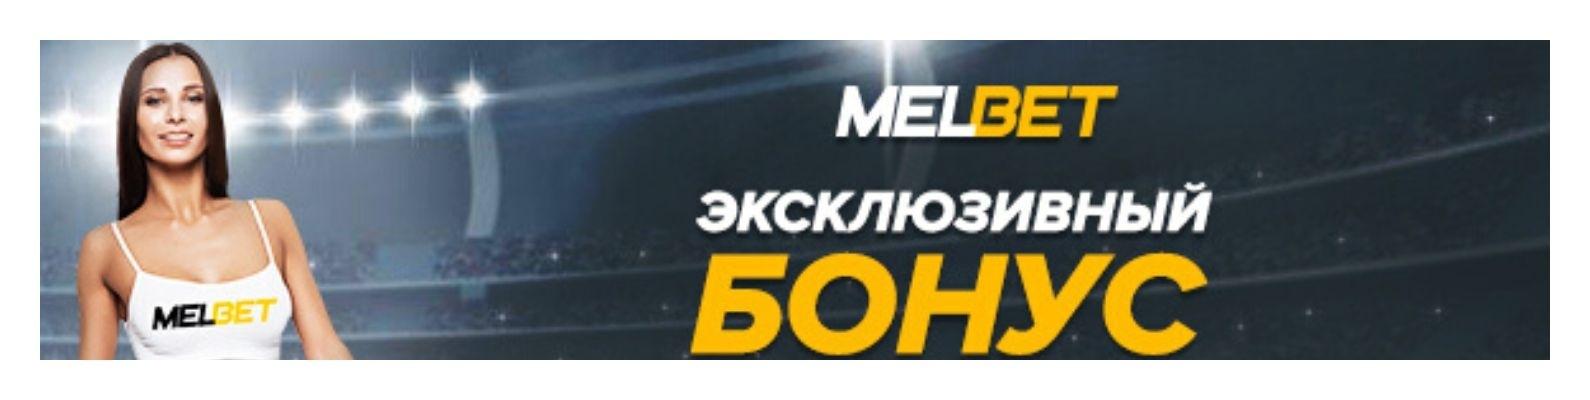 8/30/ · Боты для ставок на спорт.Популярность ботов среди любителей спортивных ставок растет с завидной регулярностью.Получи две бесплатные ставки на общую сумму 2 рублей за регистрацию в /5(4).